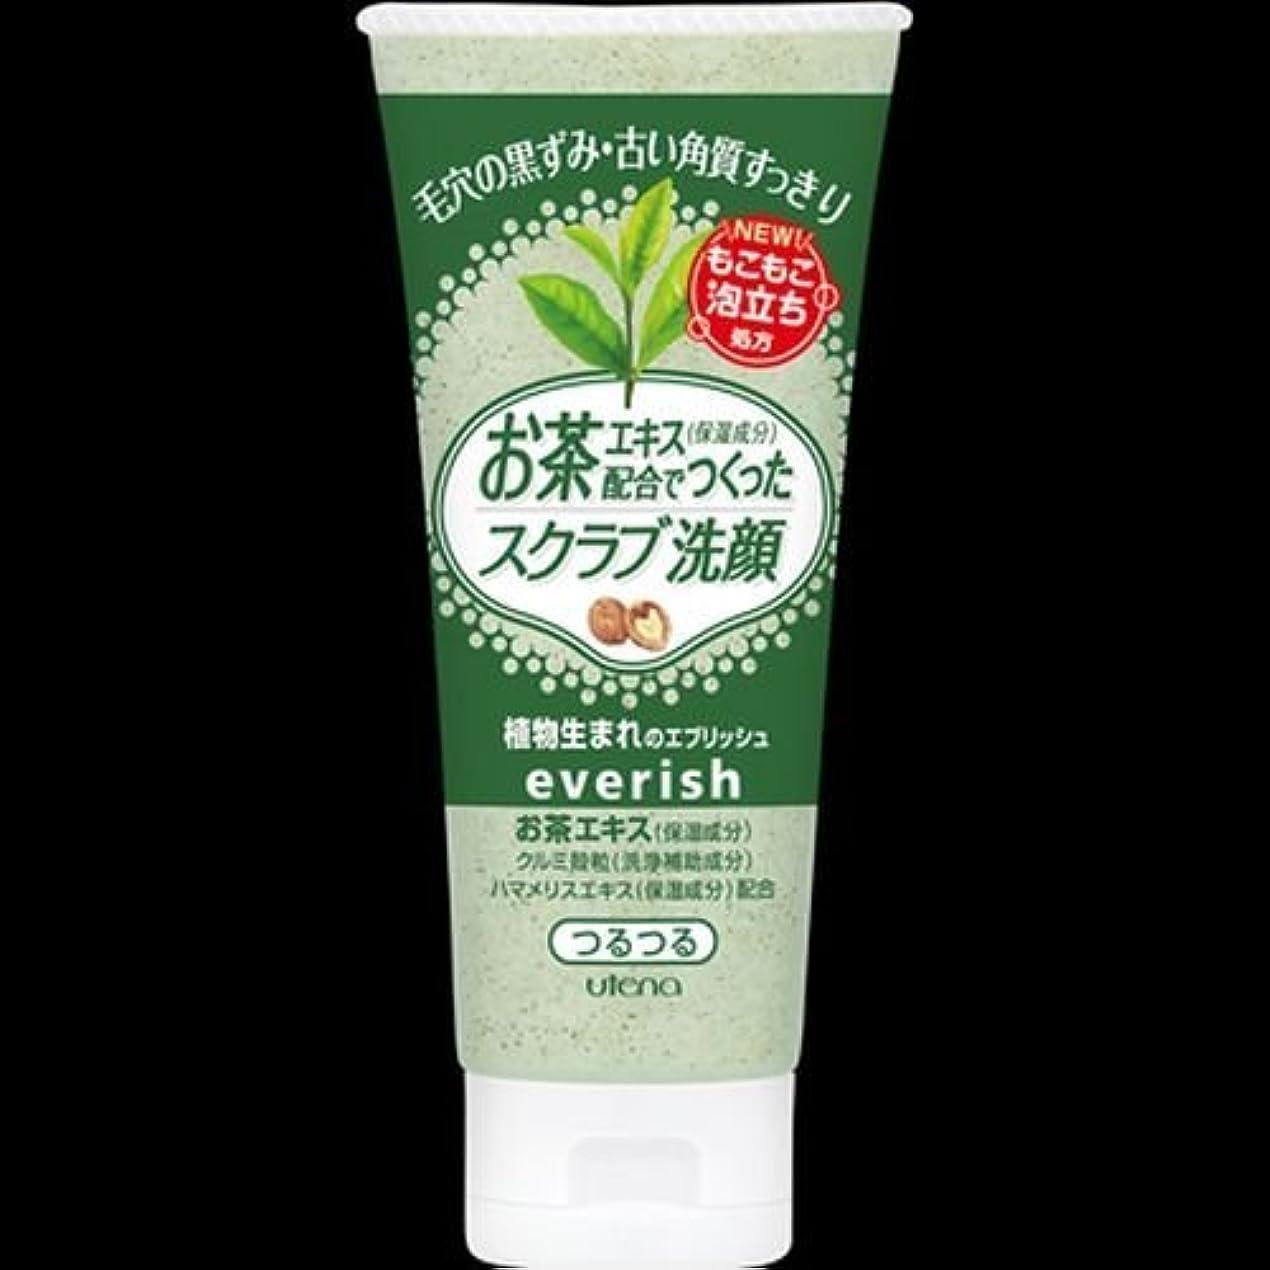 【まとめ買い】エブリッシュ お茶スクラブ洗顔 130g ×2セット